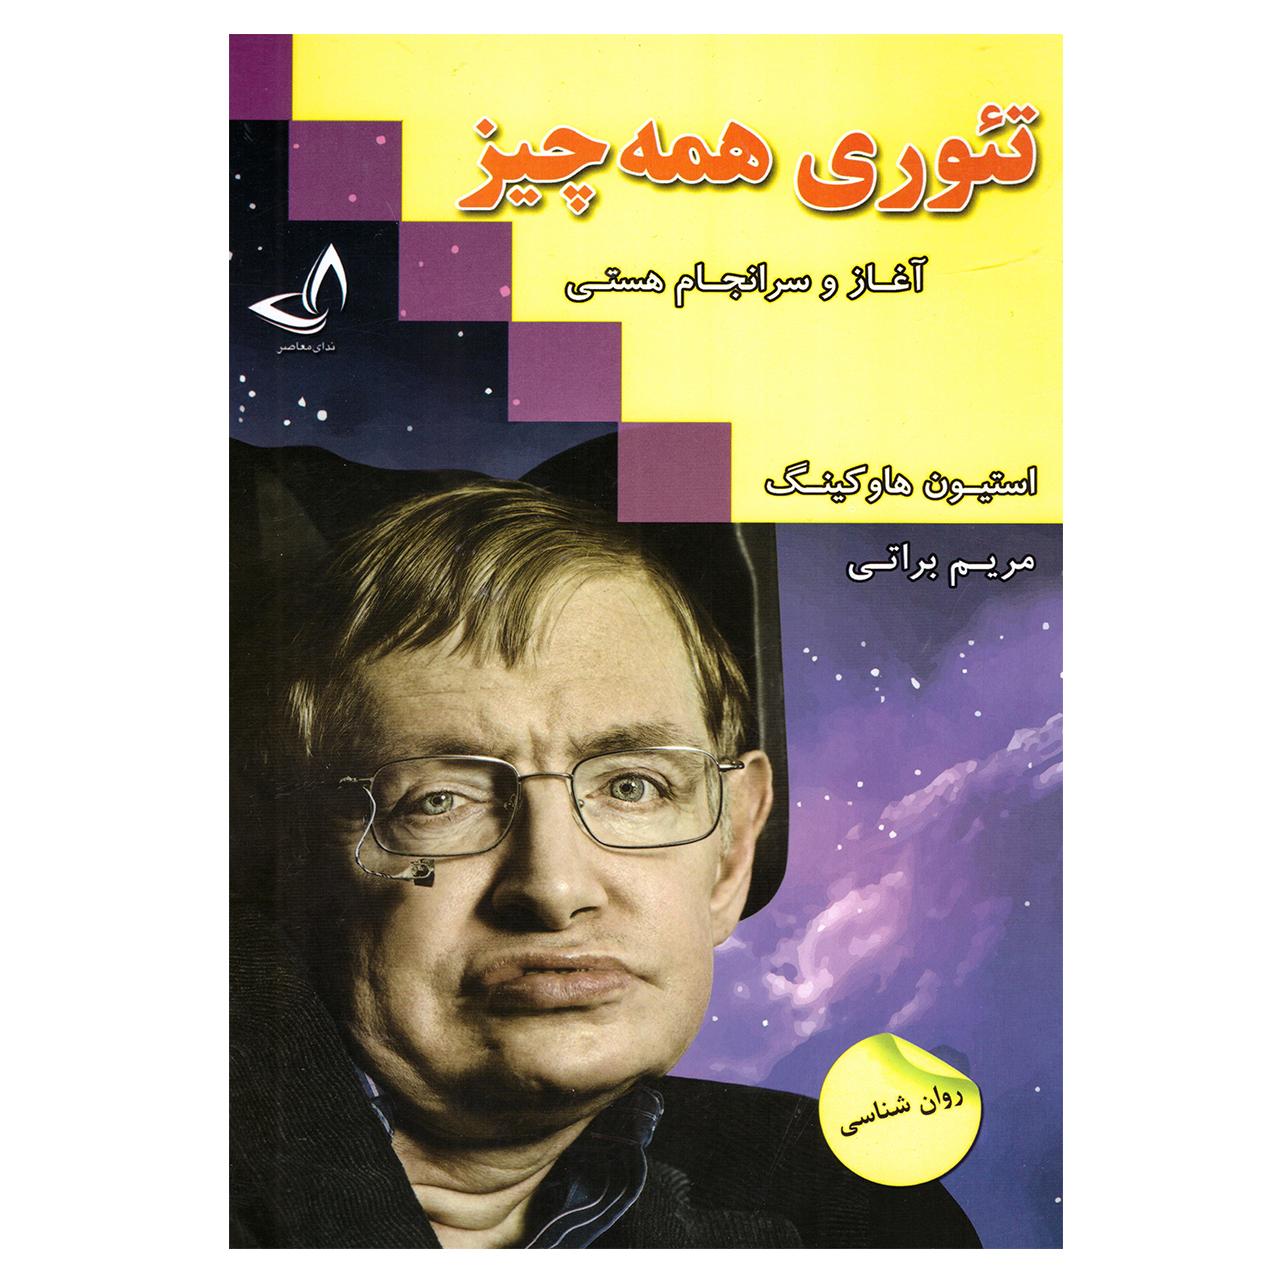 خرید                      کتاب تئوری همه چیز اثر استیون هاوکینگ نشر زرین کلک